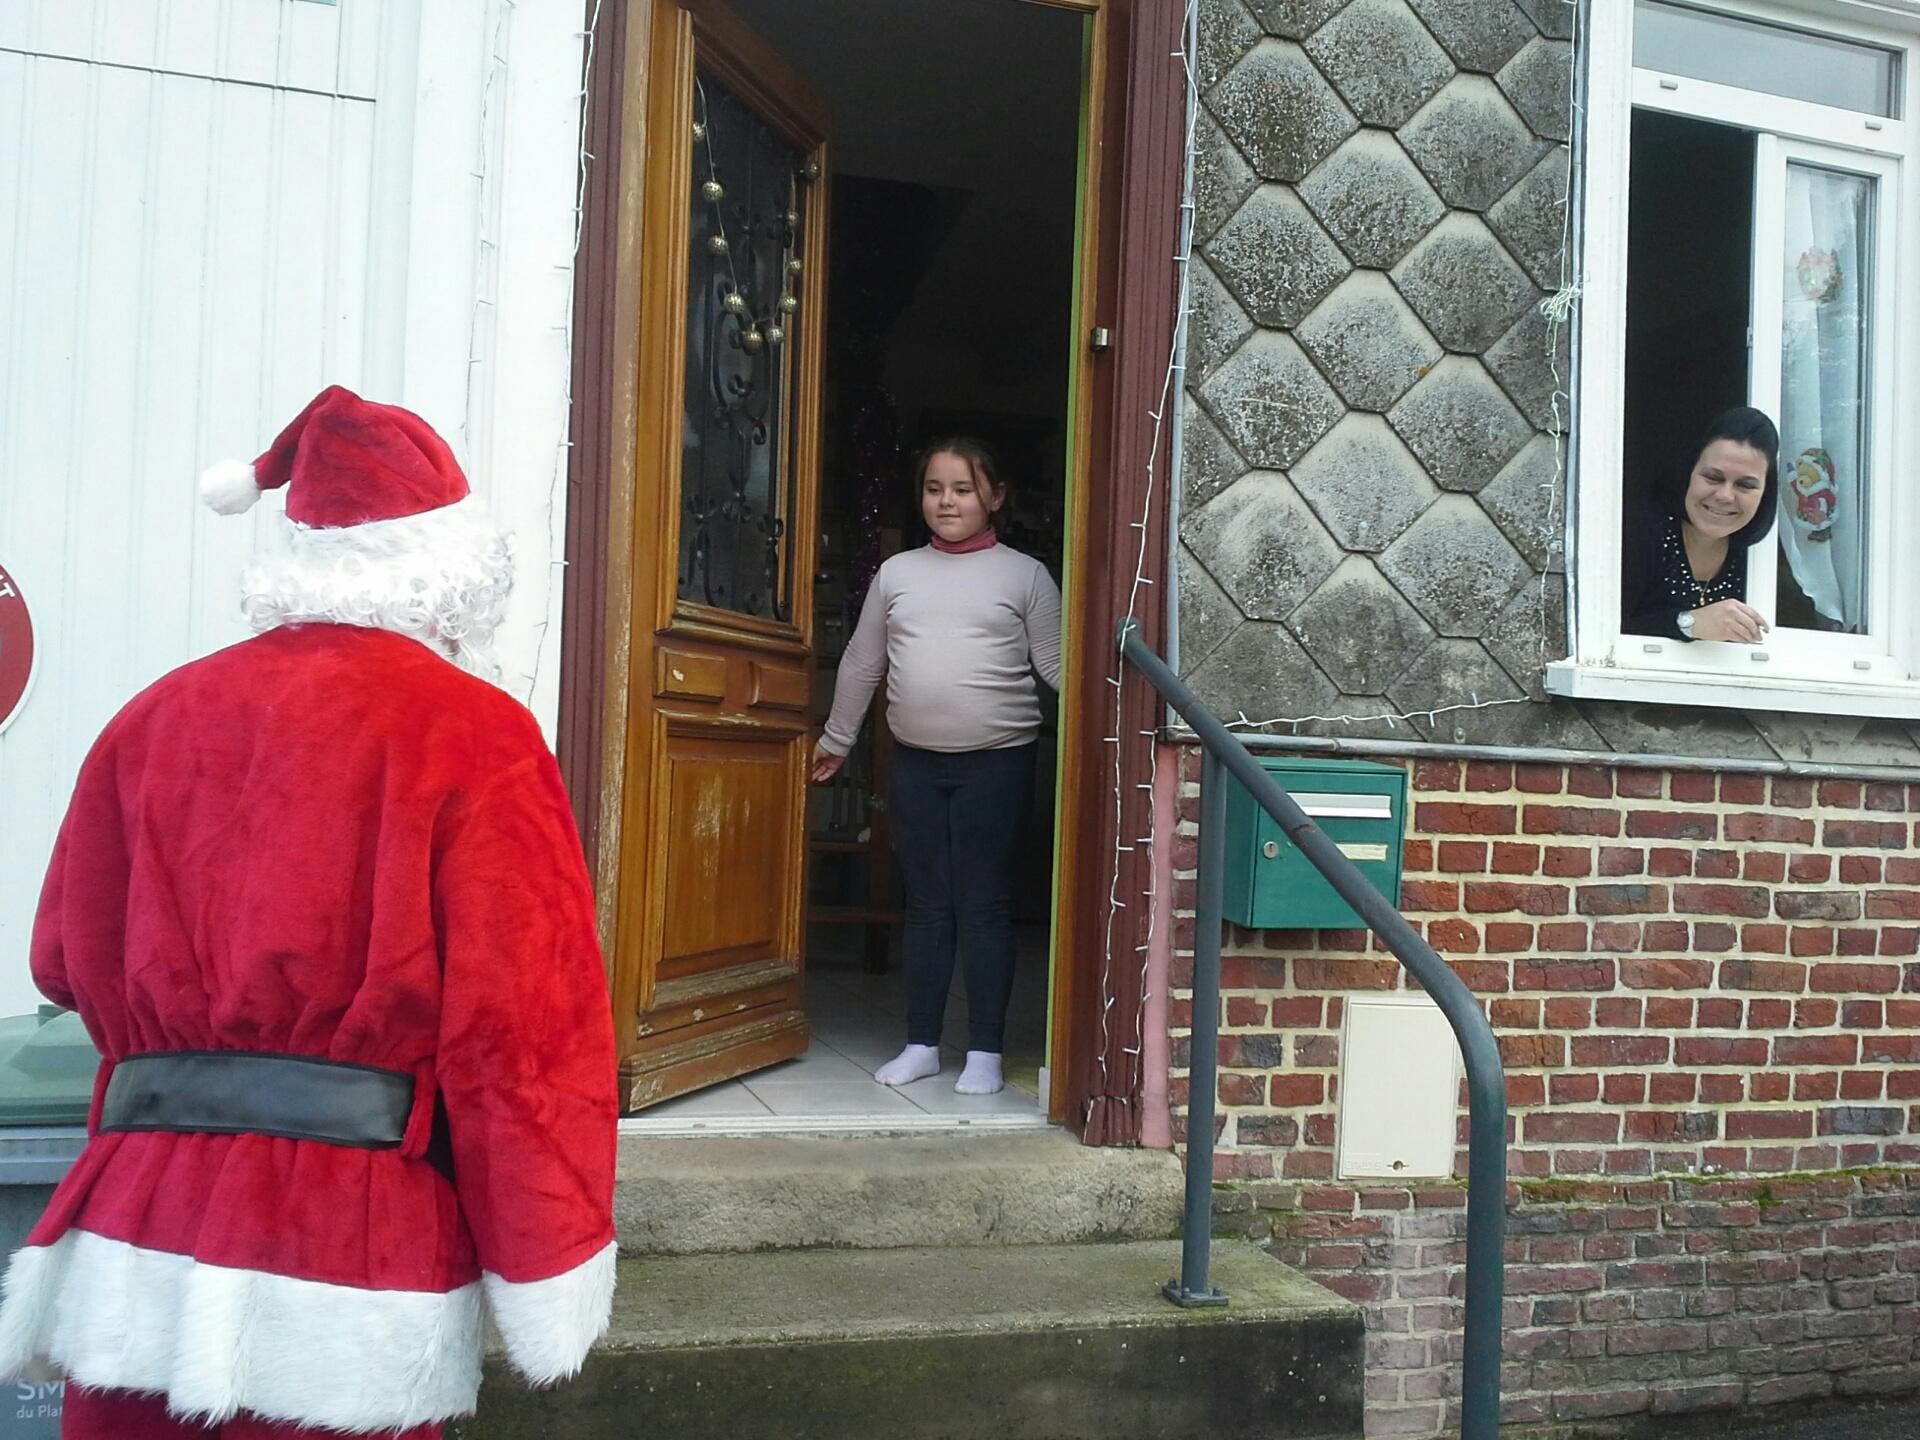 Noel havernas